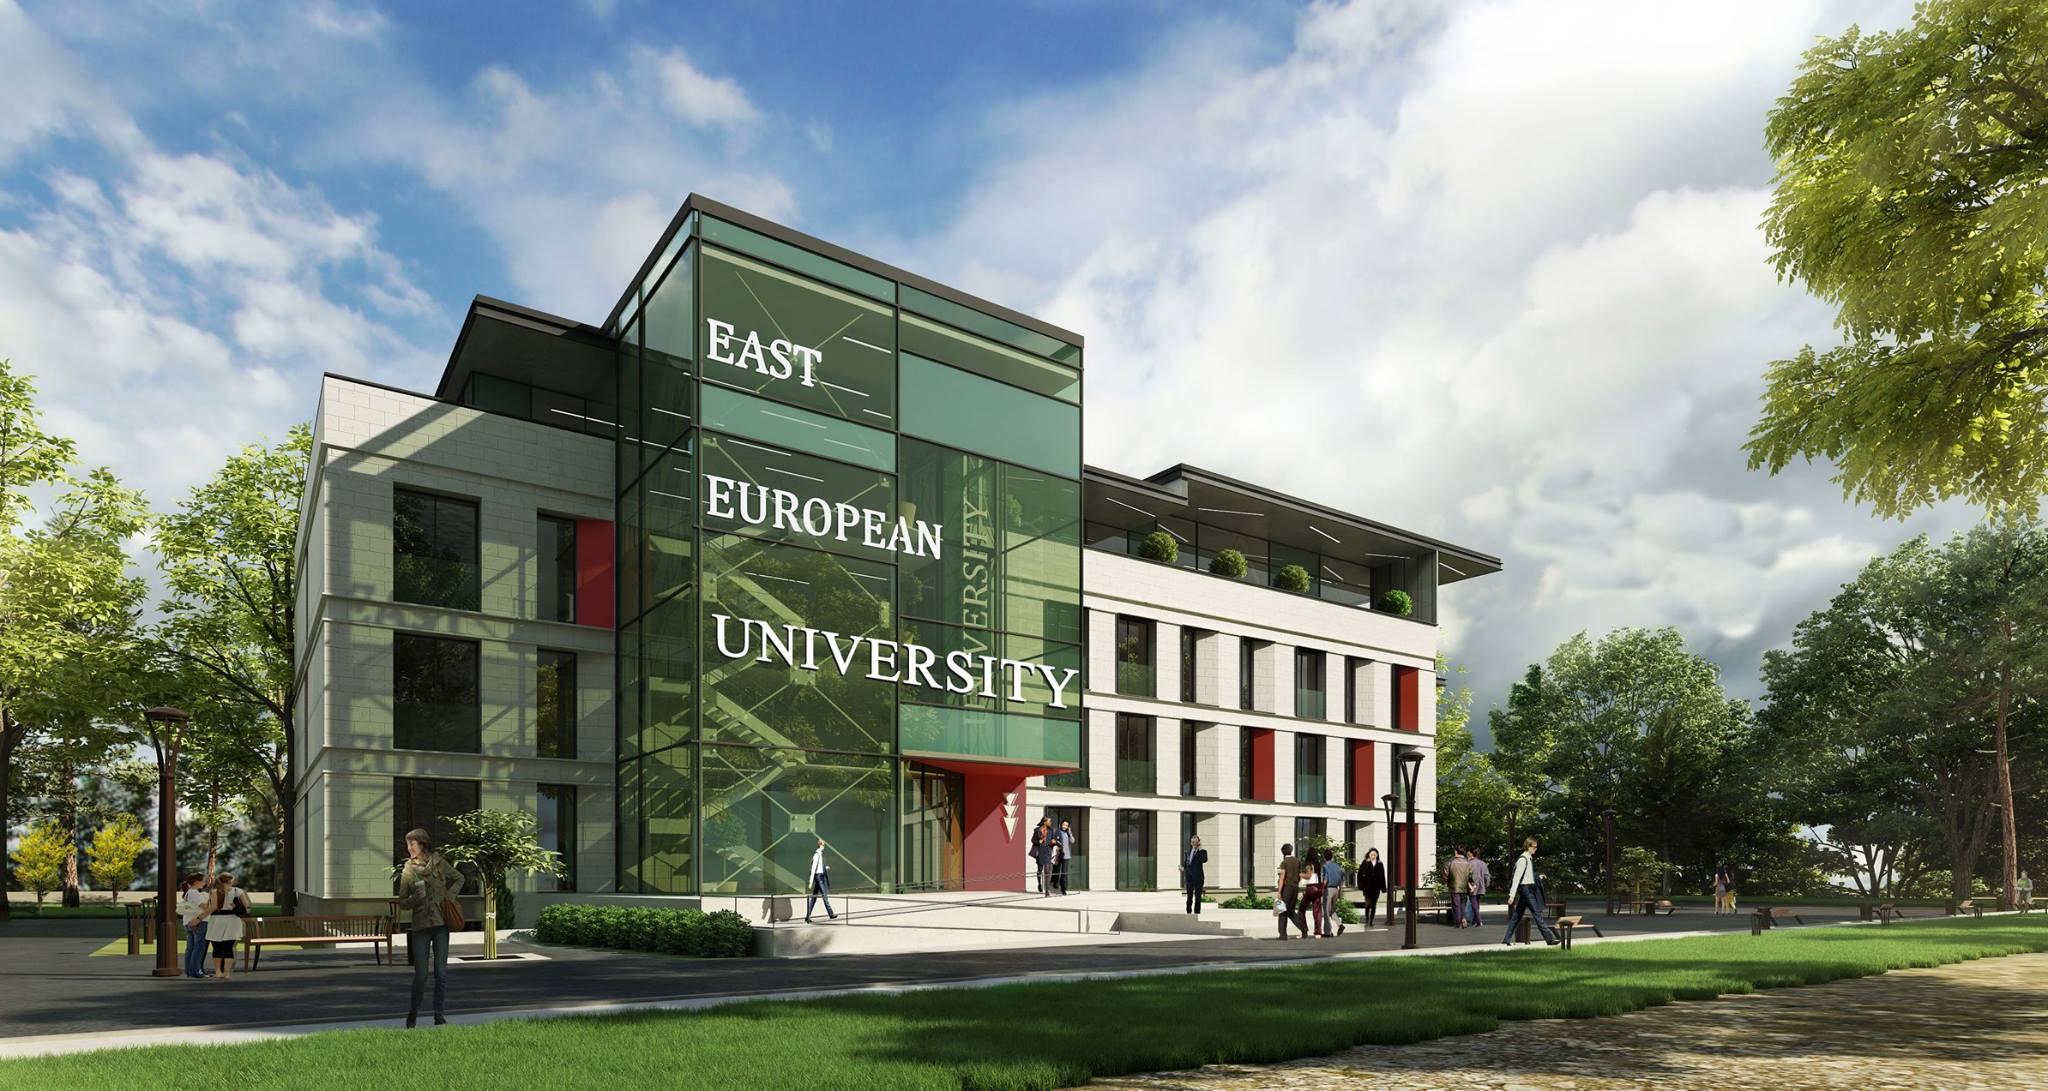 East European University banner